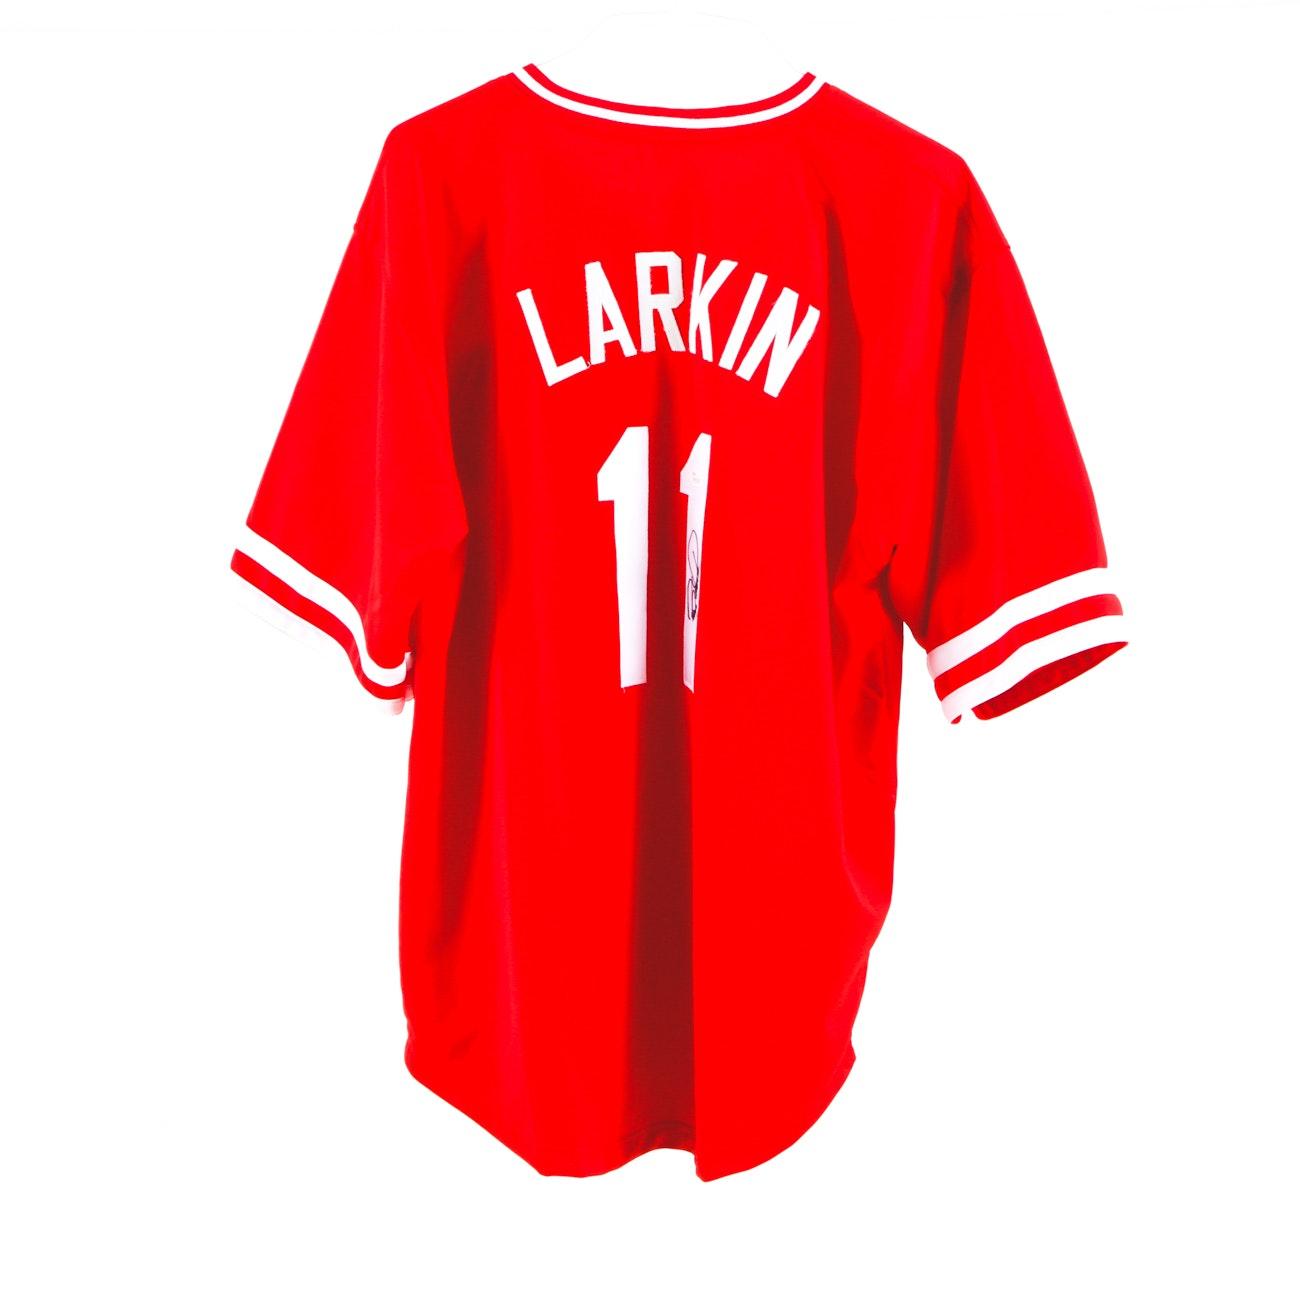 Barry Larkin Signed Jersey  COA